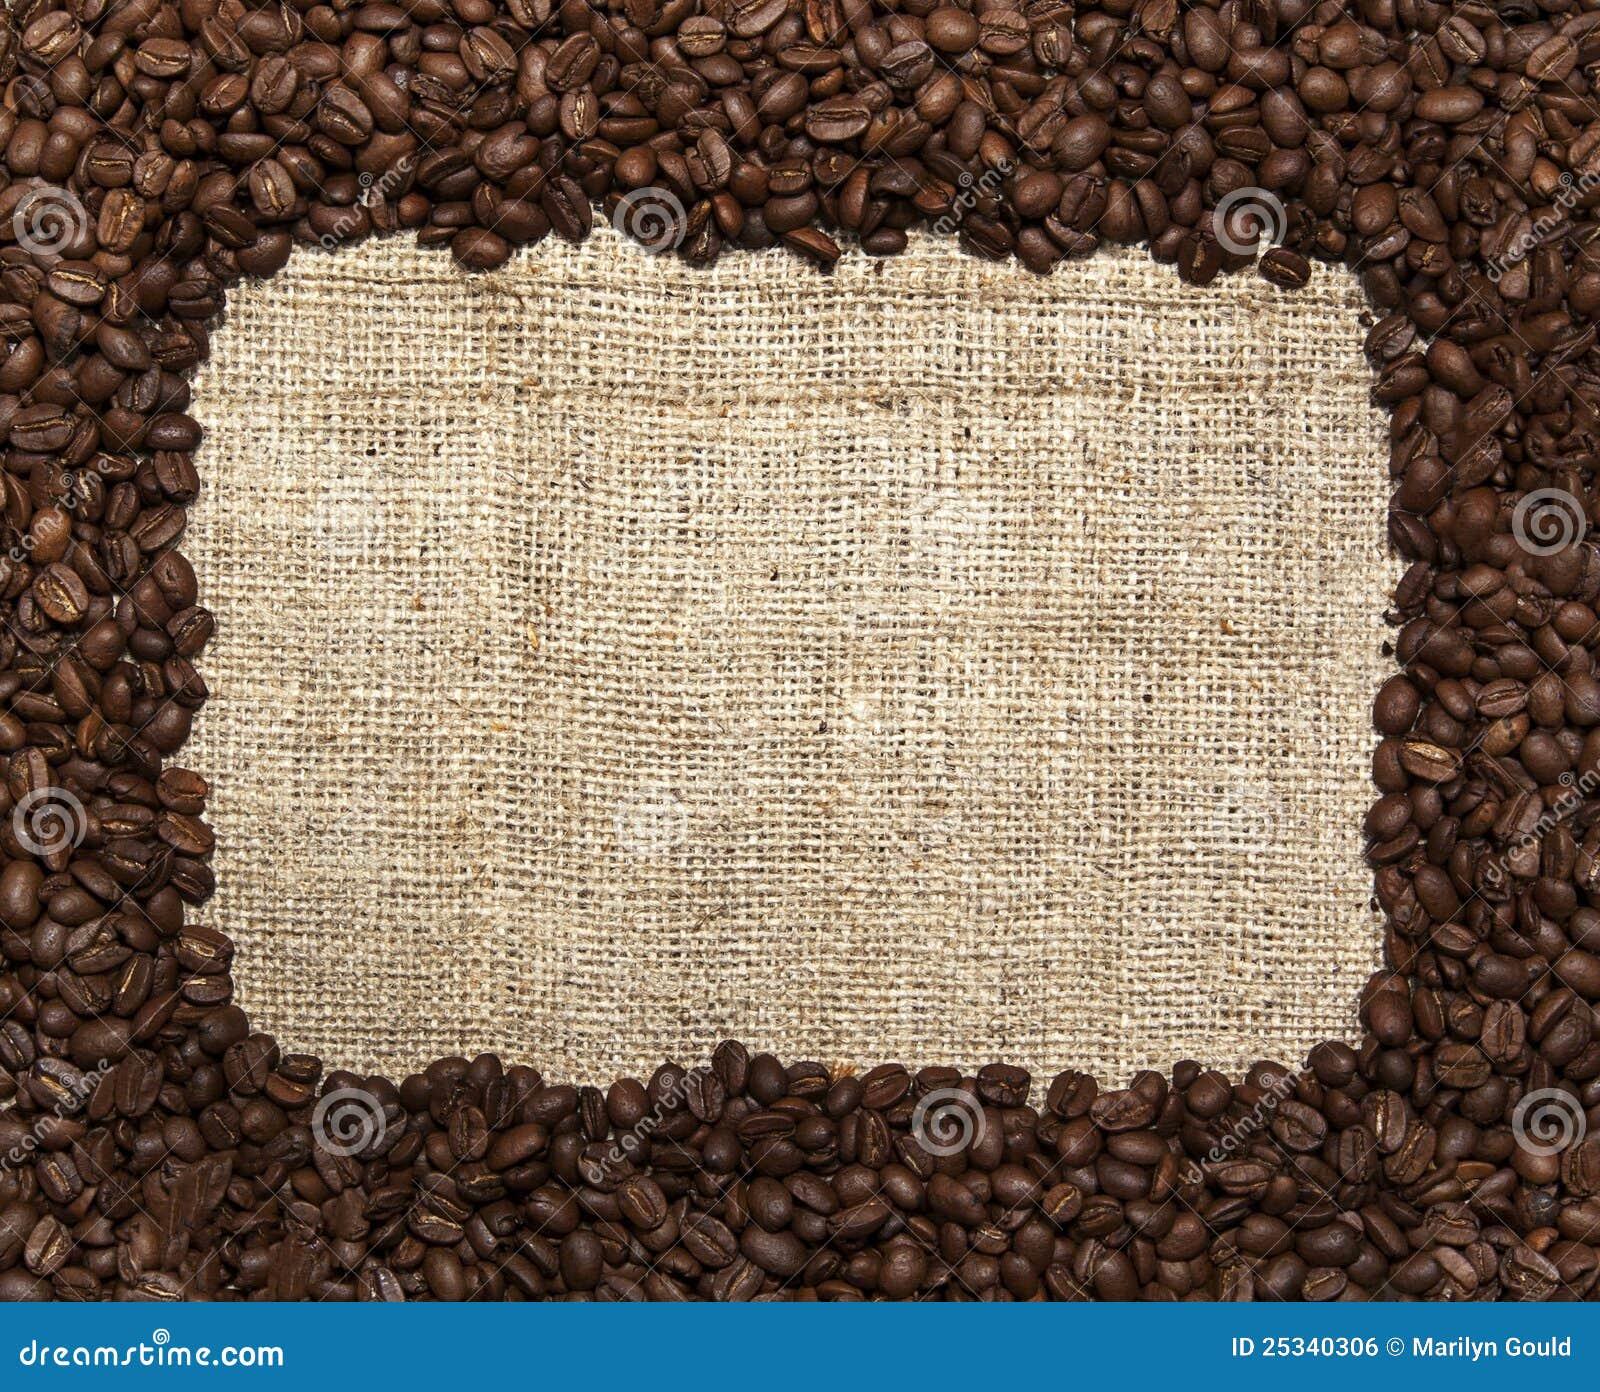 Coffee Bean Clip Art Border